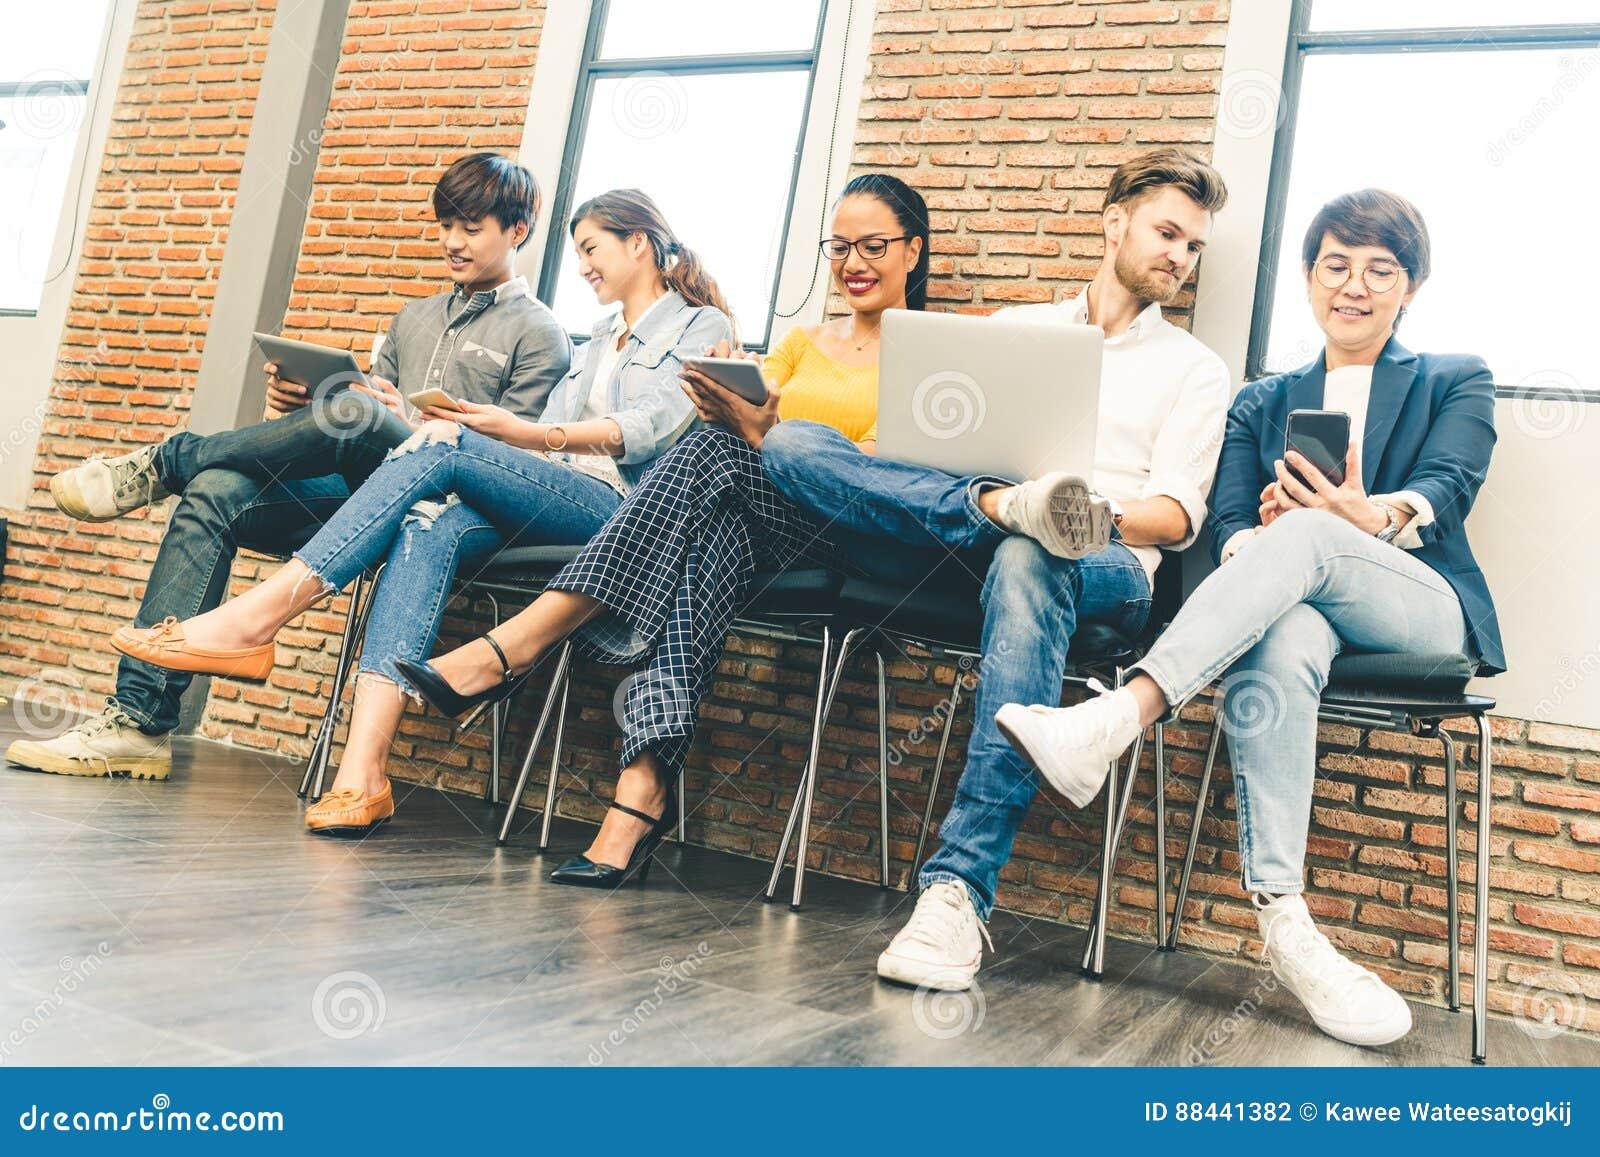 Grupo diverso multiétnico de gente joven y adulta que usa el smartphone, ordenador portátil, tableta digital junto